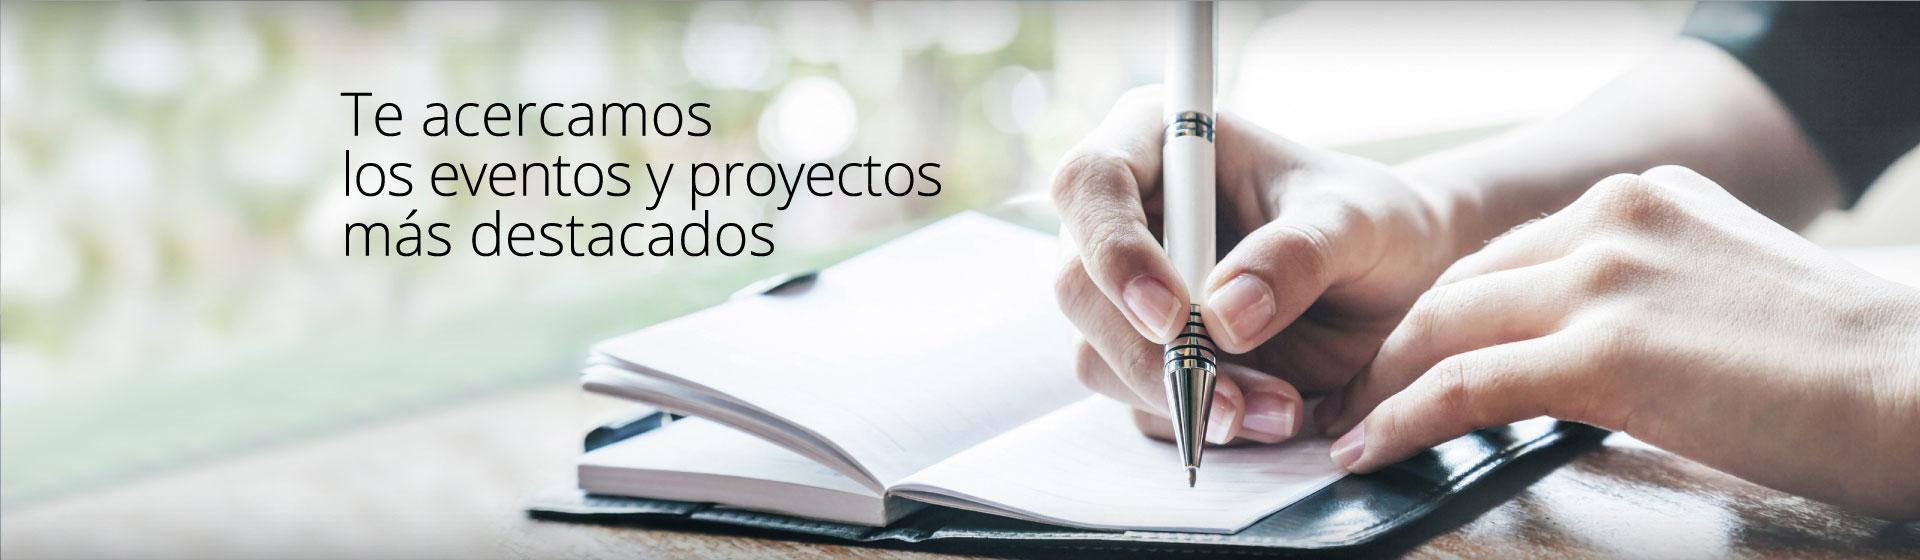 Servicios Jose Antonio García. Noticias.